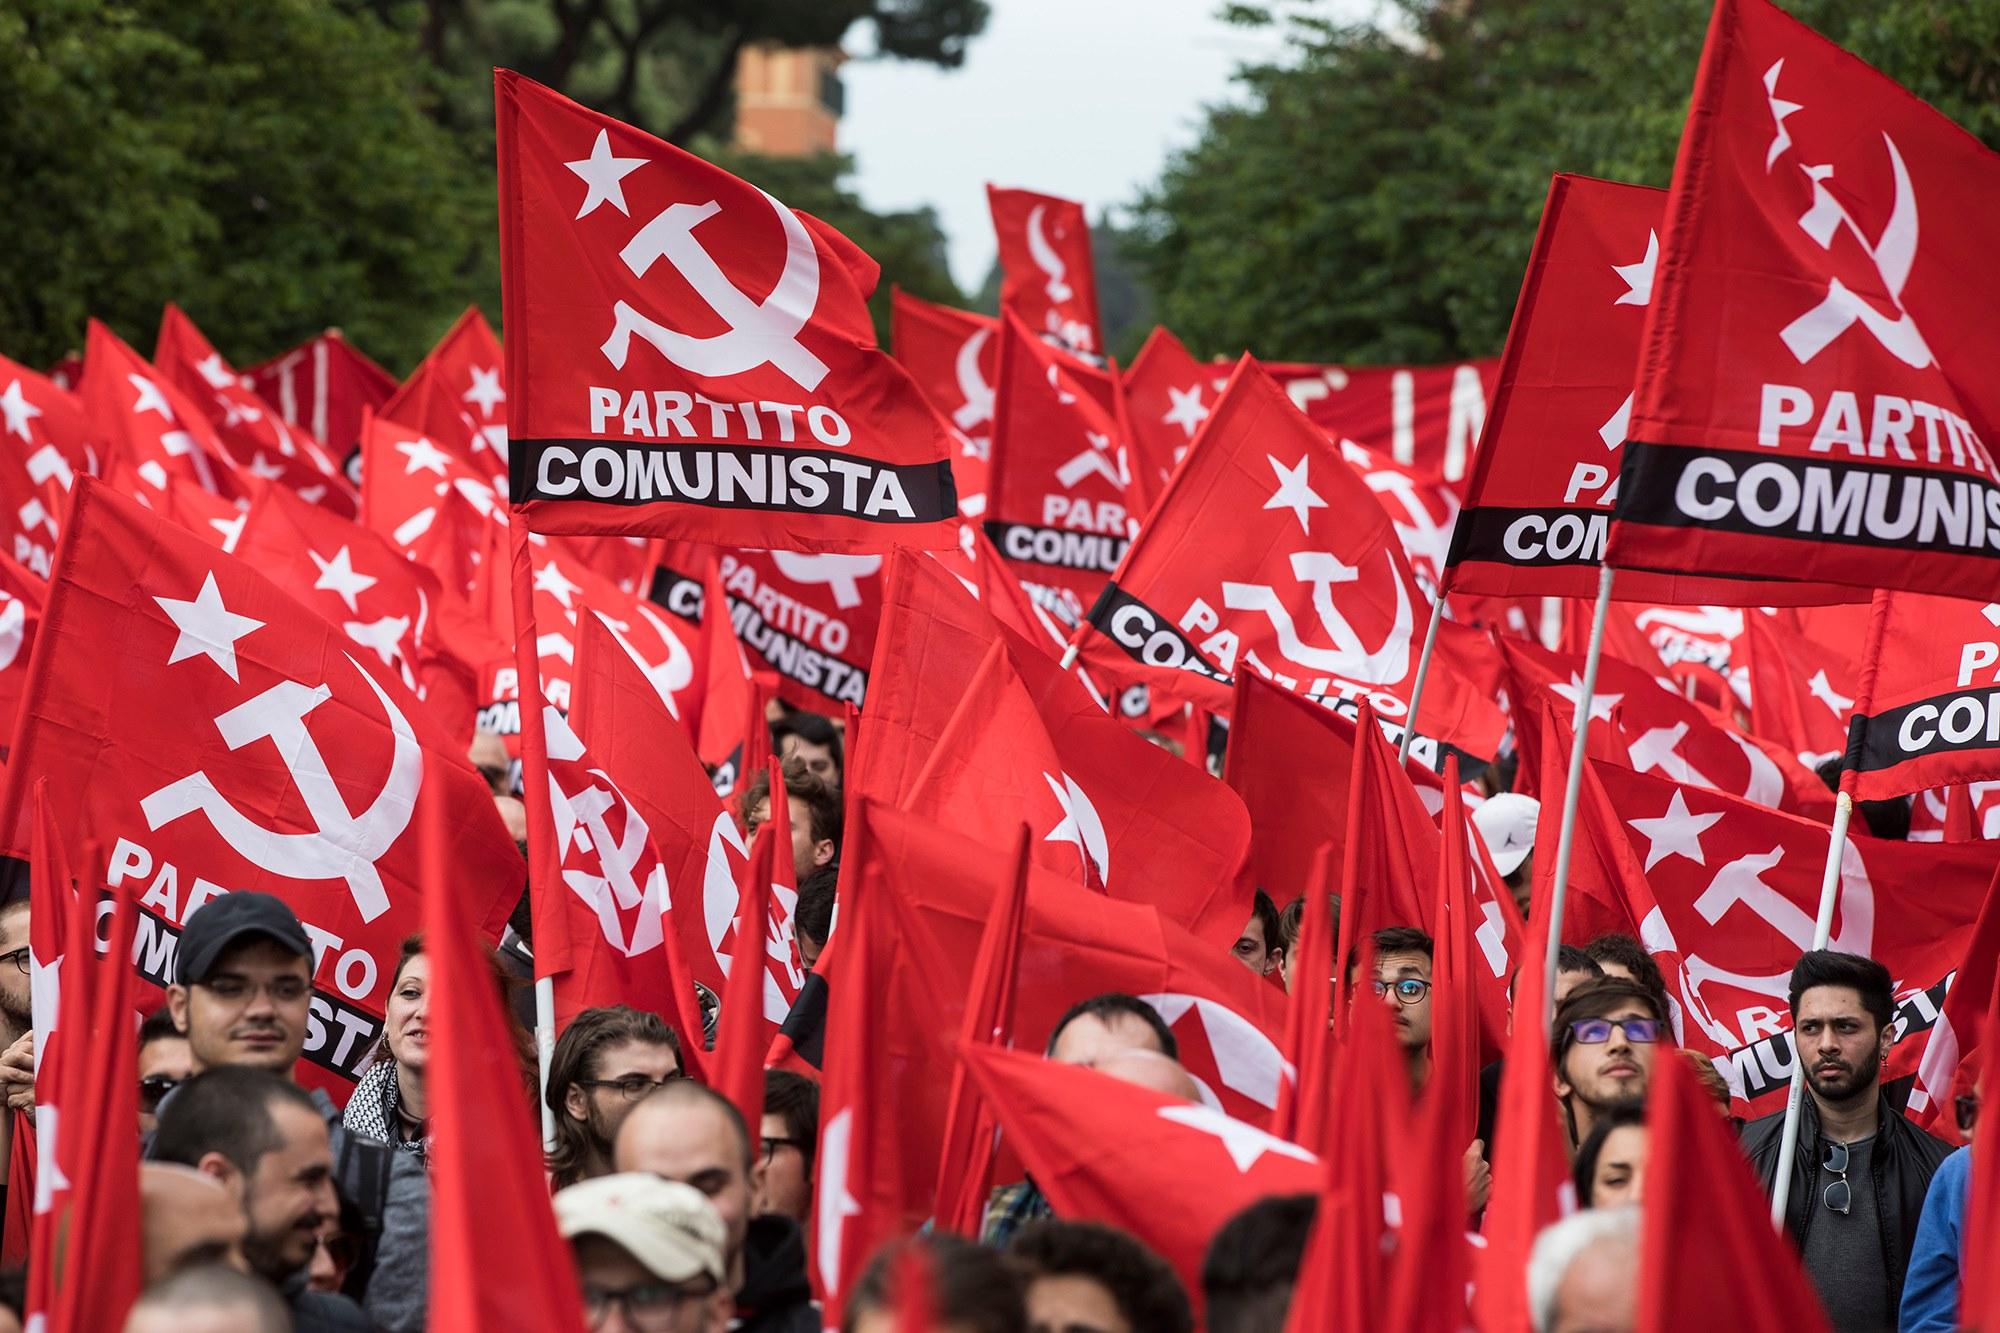 """Partito comunista: """"Il 5 ottobre in piazza contro il governo Conte-Renzi servo delle banche"""""""